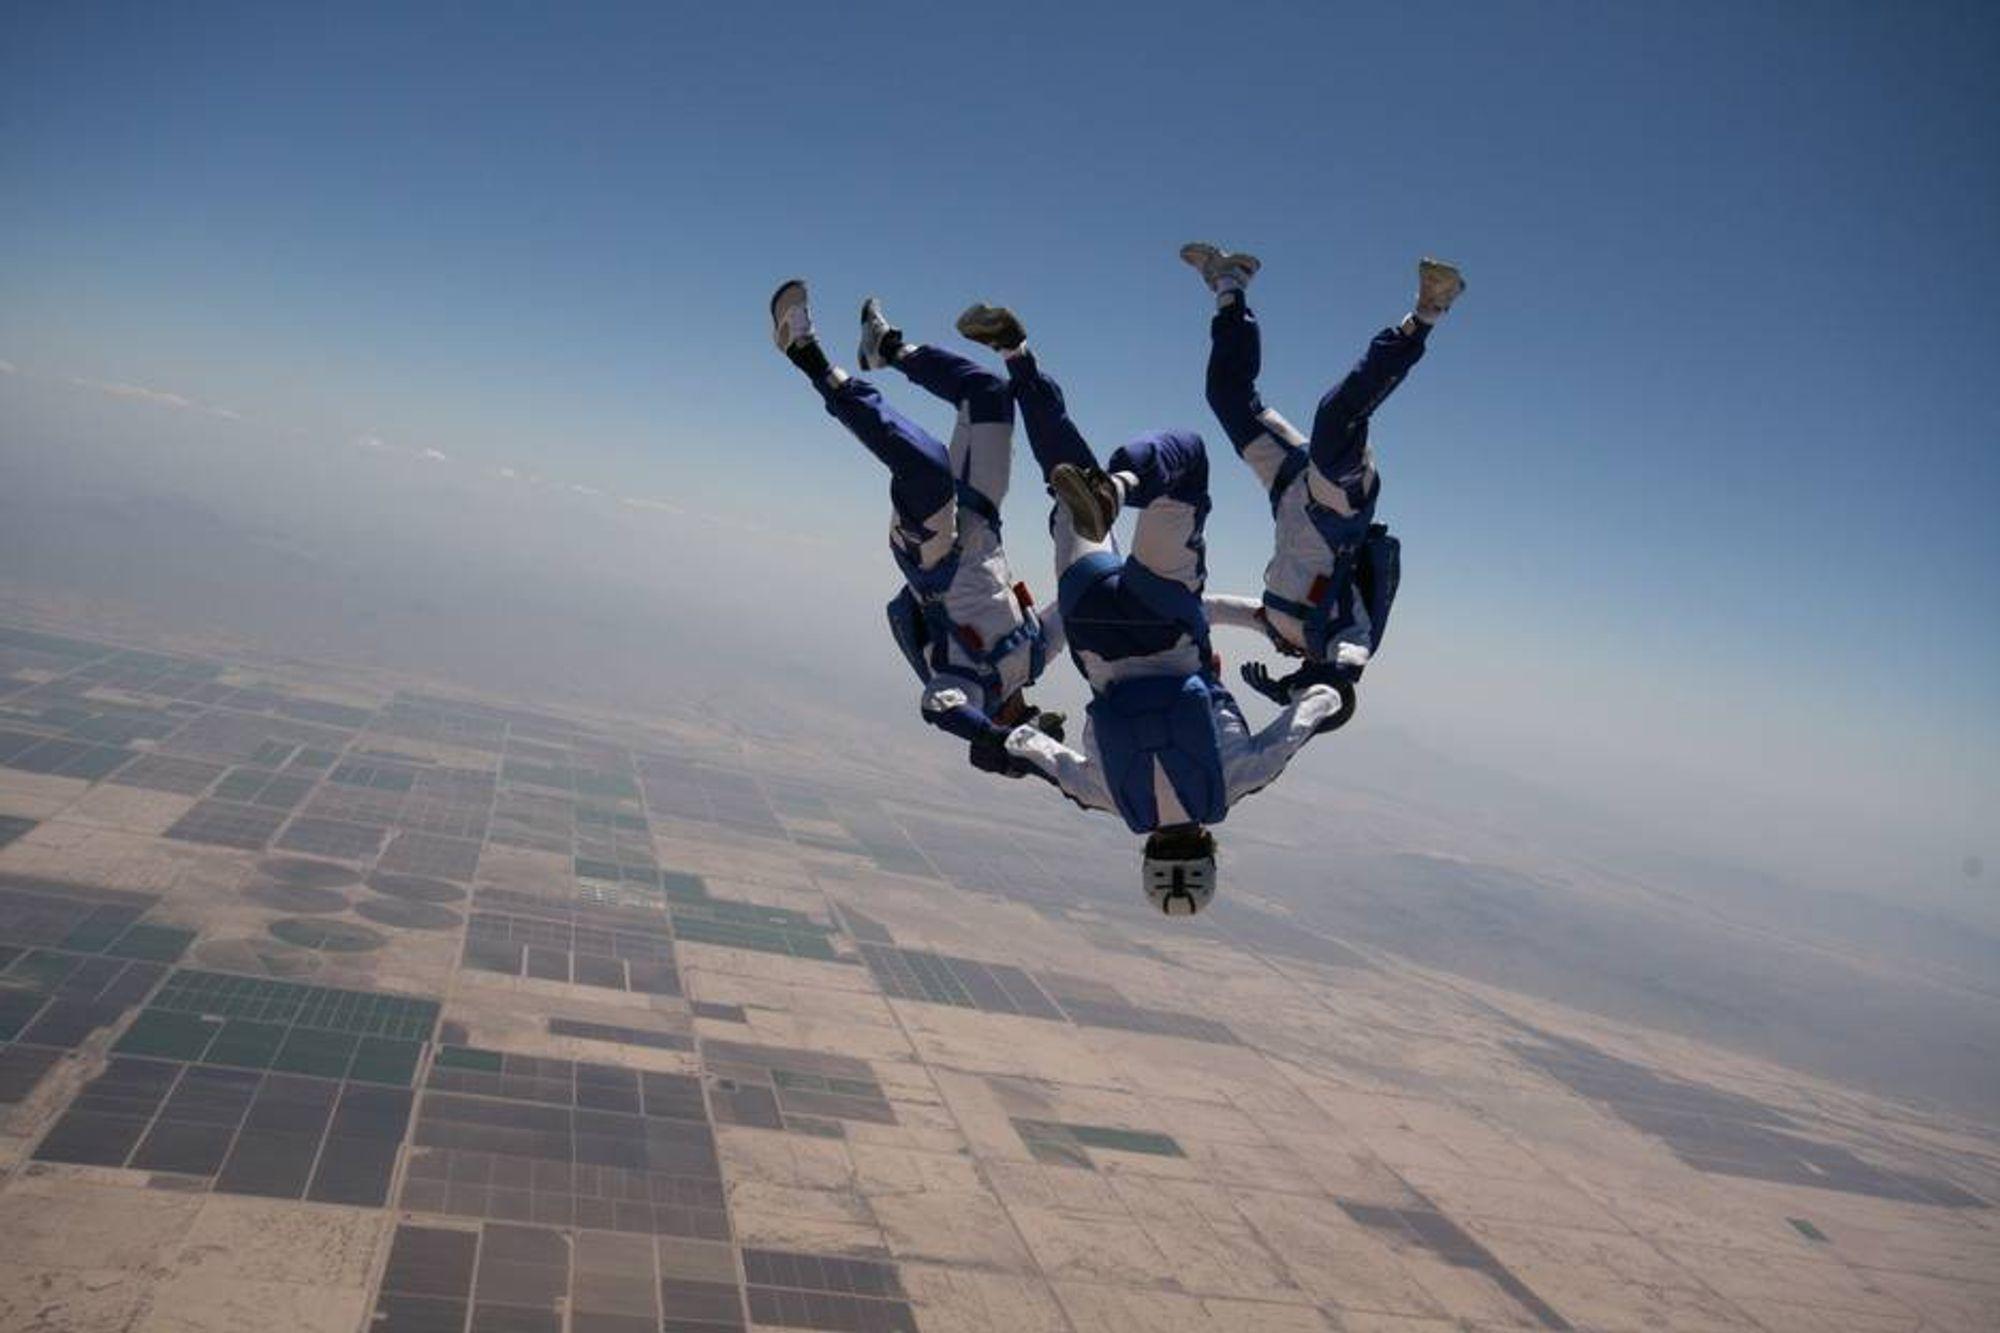 INGENIØRLANDSLAG: Fem av 11 på det norske landslaget i fallskjermhopping er sivilingeniører. Her to av dem, Kristin Karthum Hansen og Bent Onshus, sammen med Aleksander Pedersen.